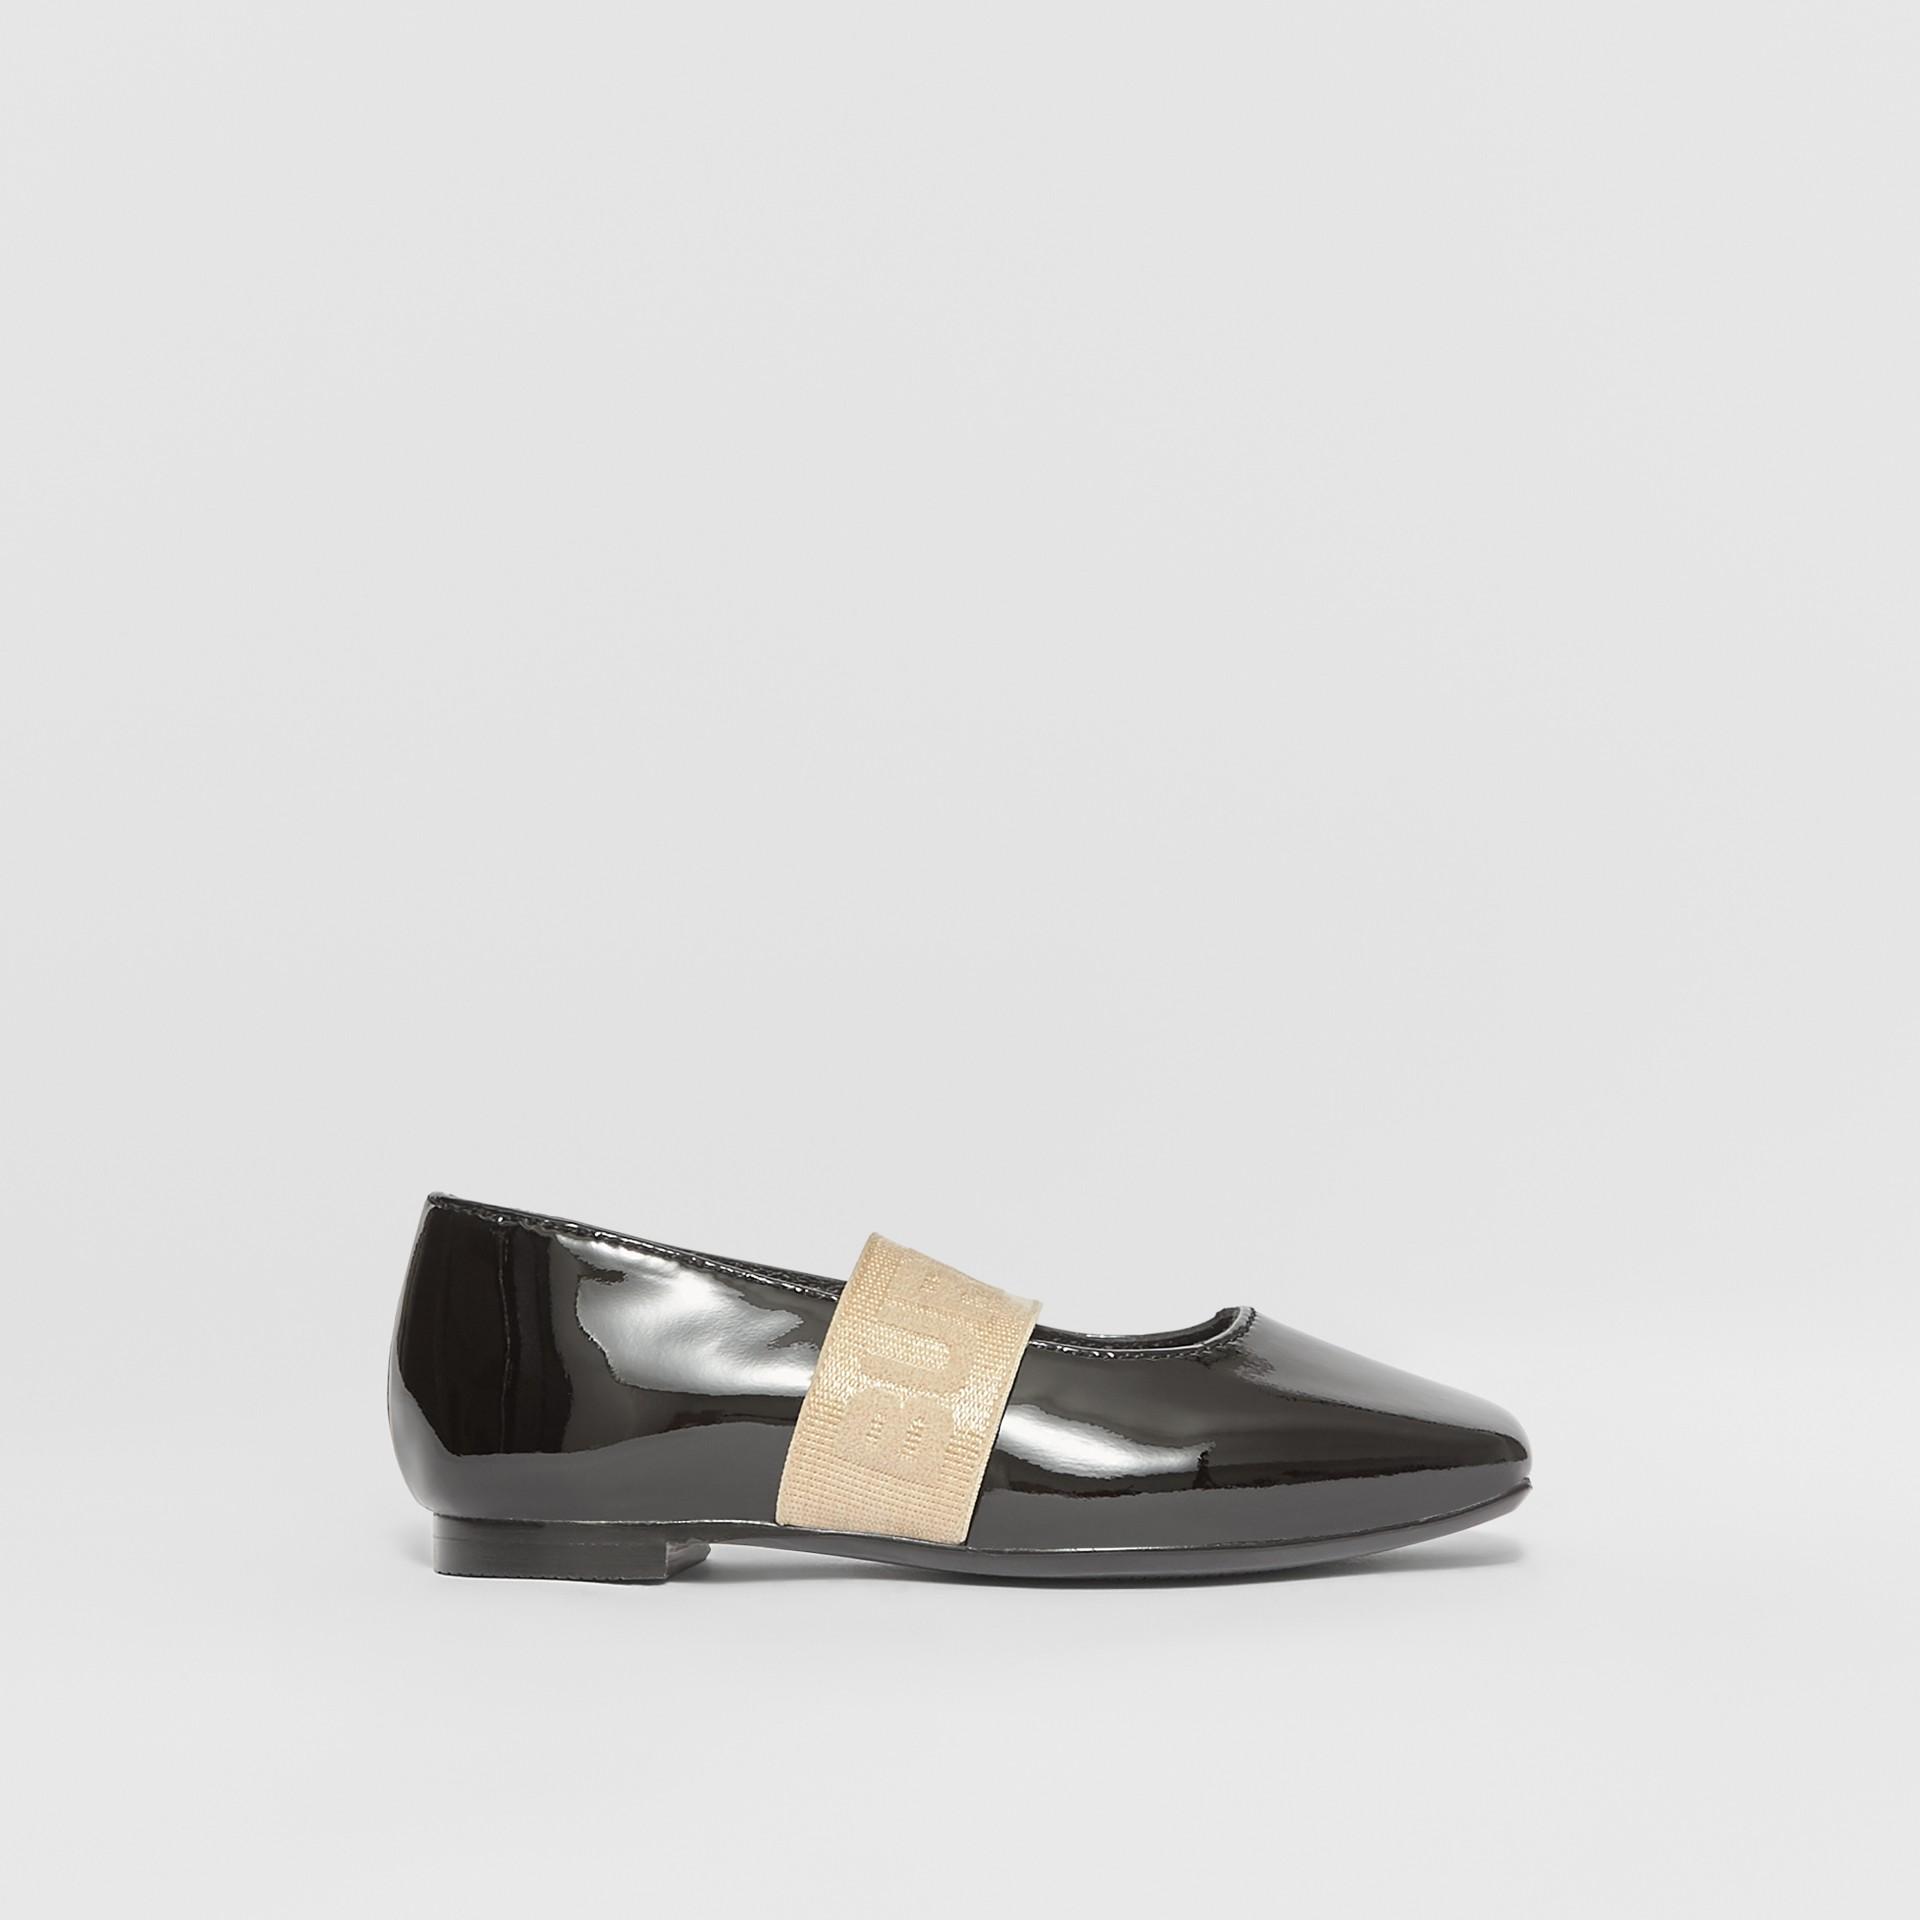 Scarpe basse in pelle verniciata con logo (Nero) - Bambini | Burberry - immagine della galleria 3